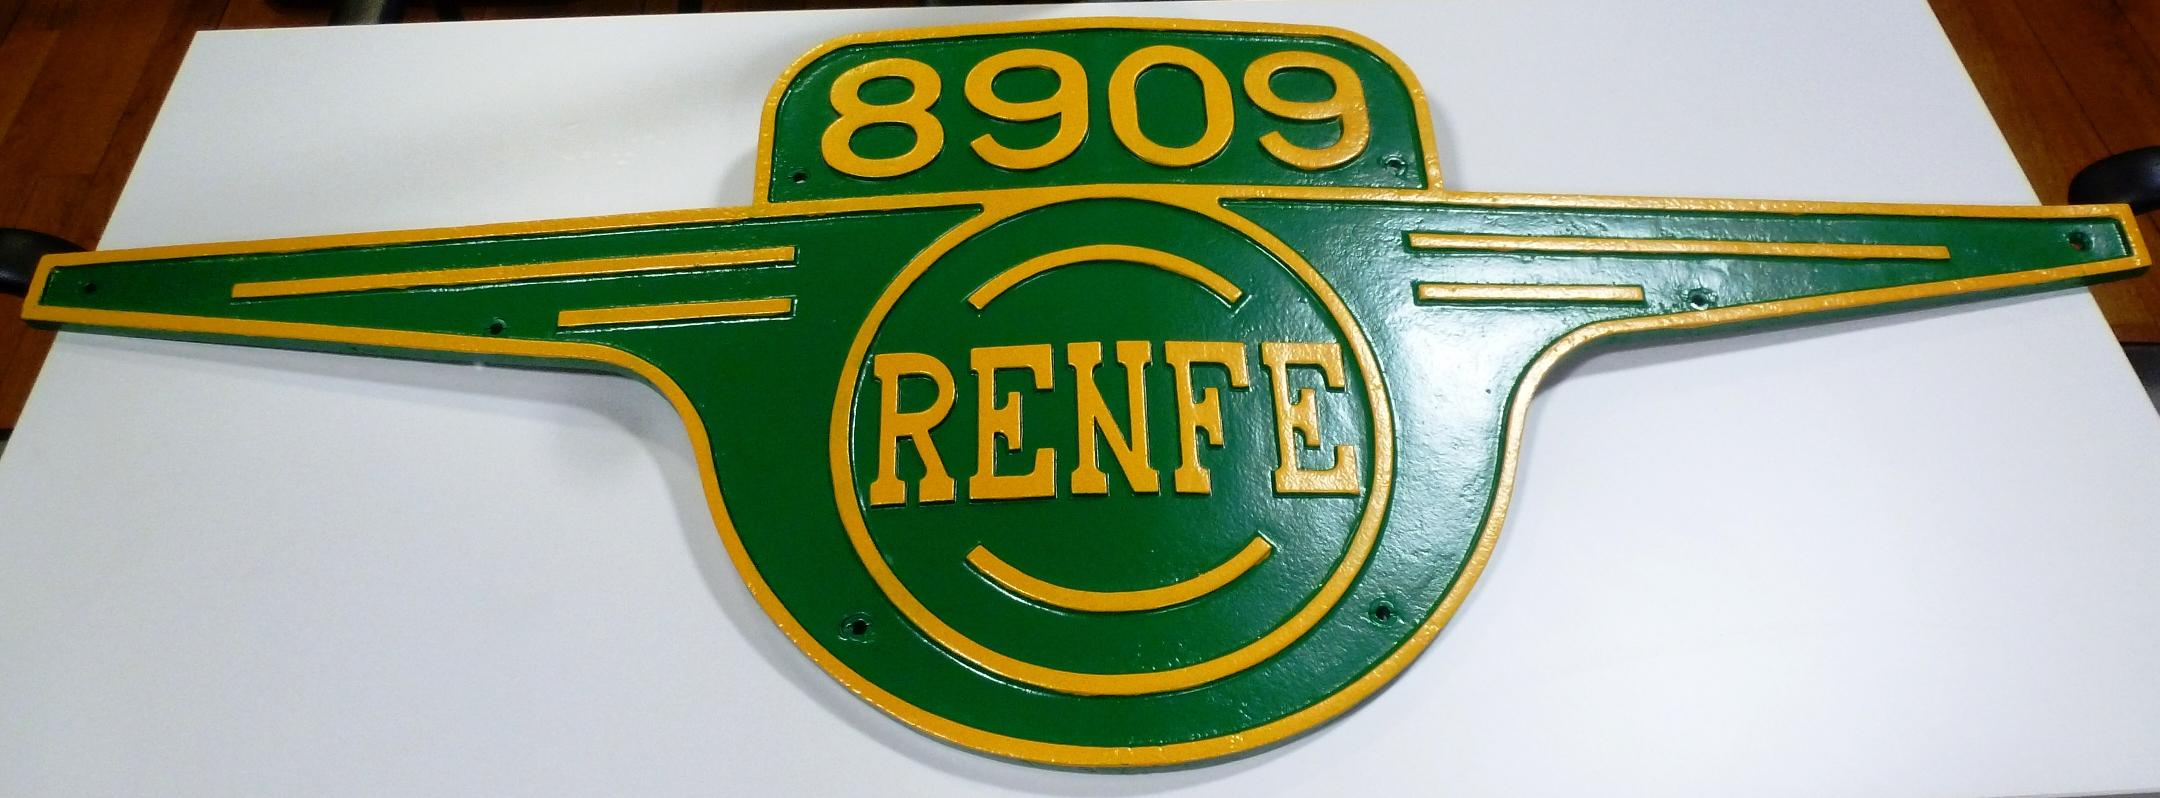 Placa de matrícula Renfe 8909